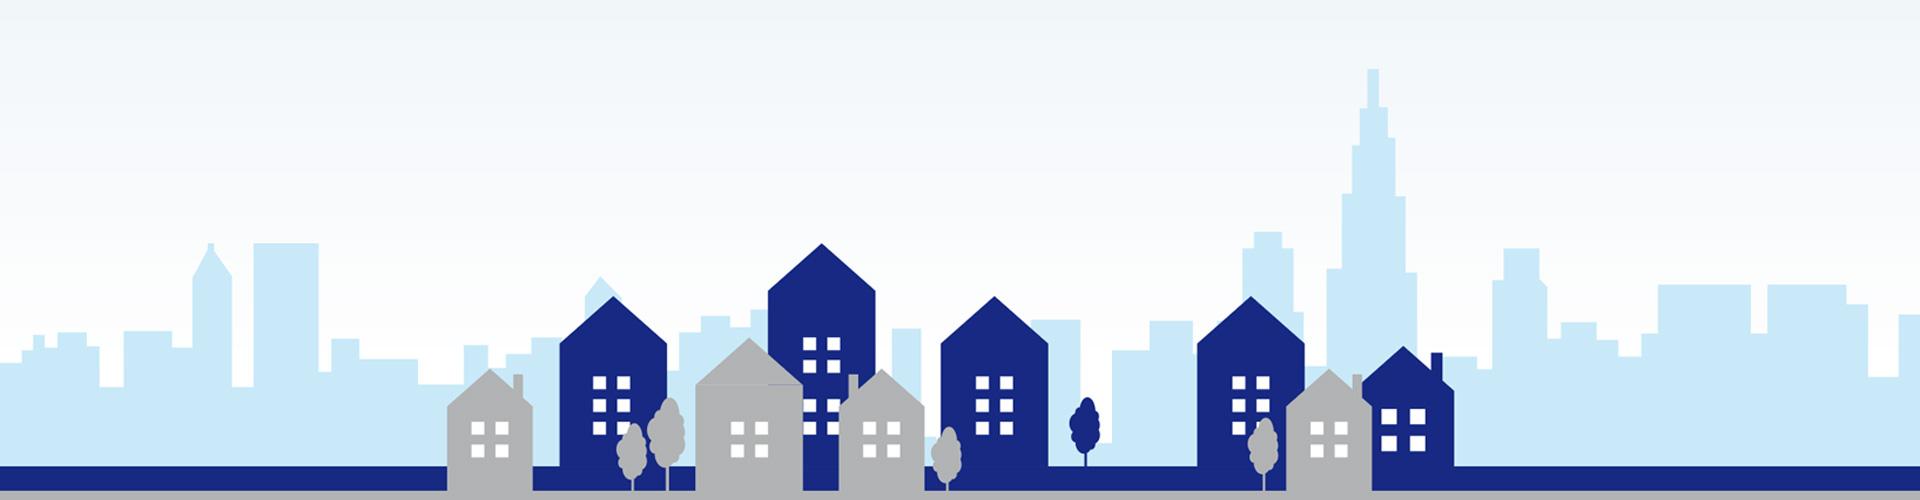 Vente immobilière : Comment j'ai ré-aménagé ma maison pour mieux la vendre